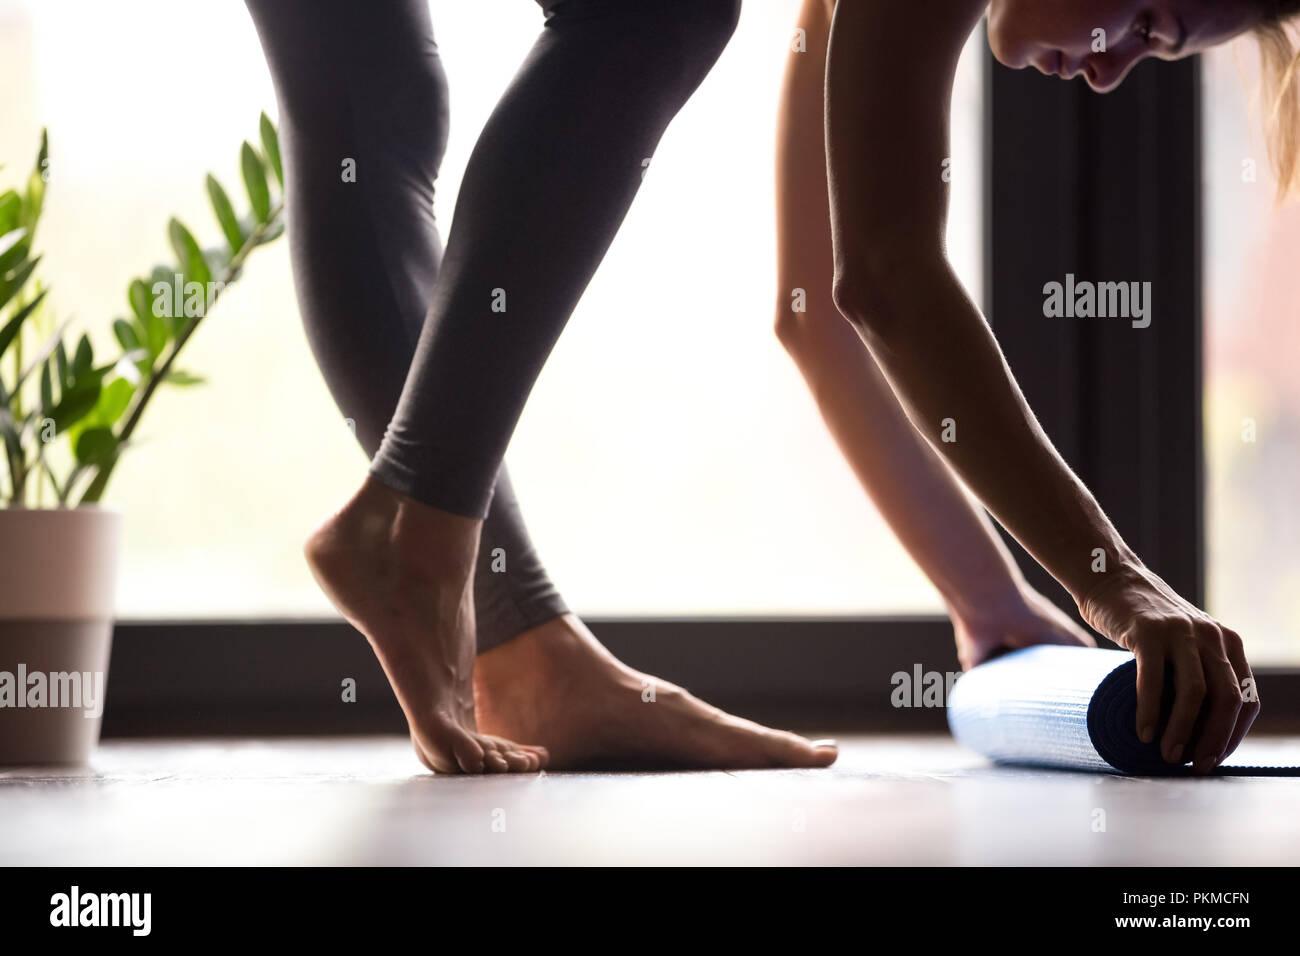 Moment de la condition physique ou la notion de pratique de sport Photo Stock